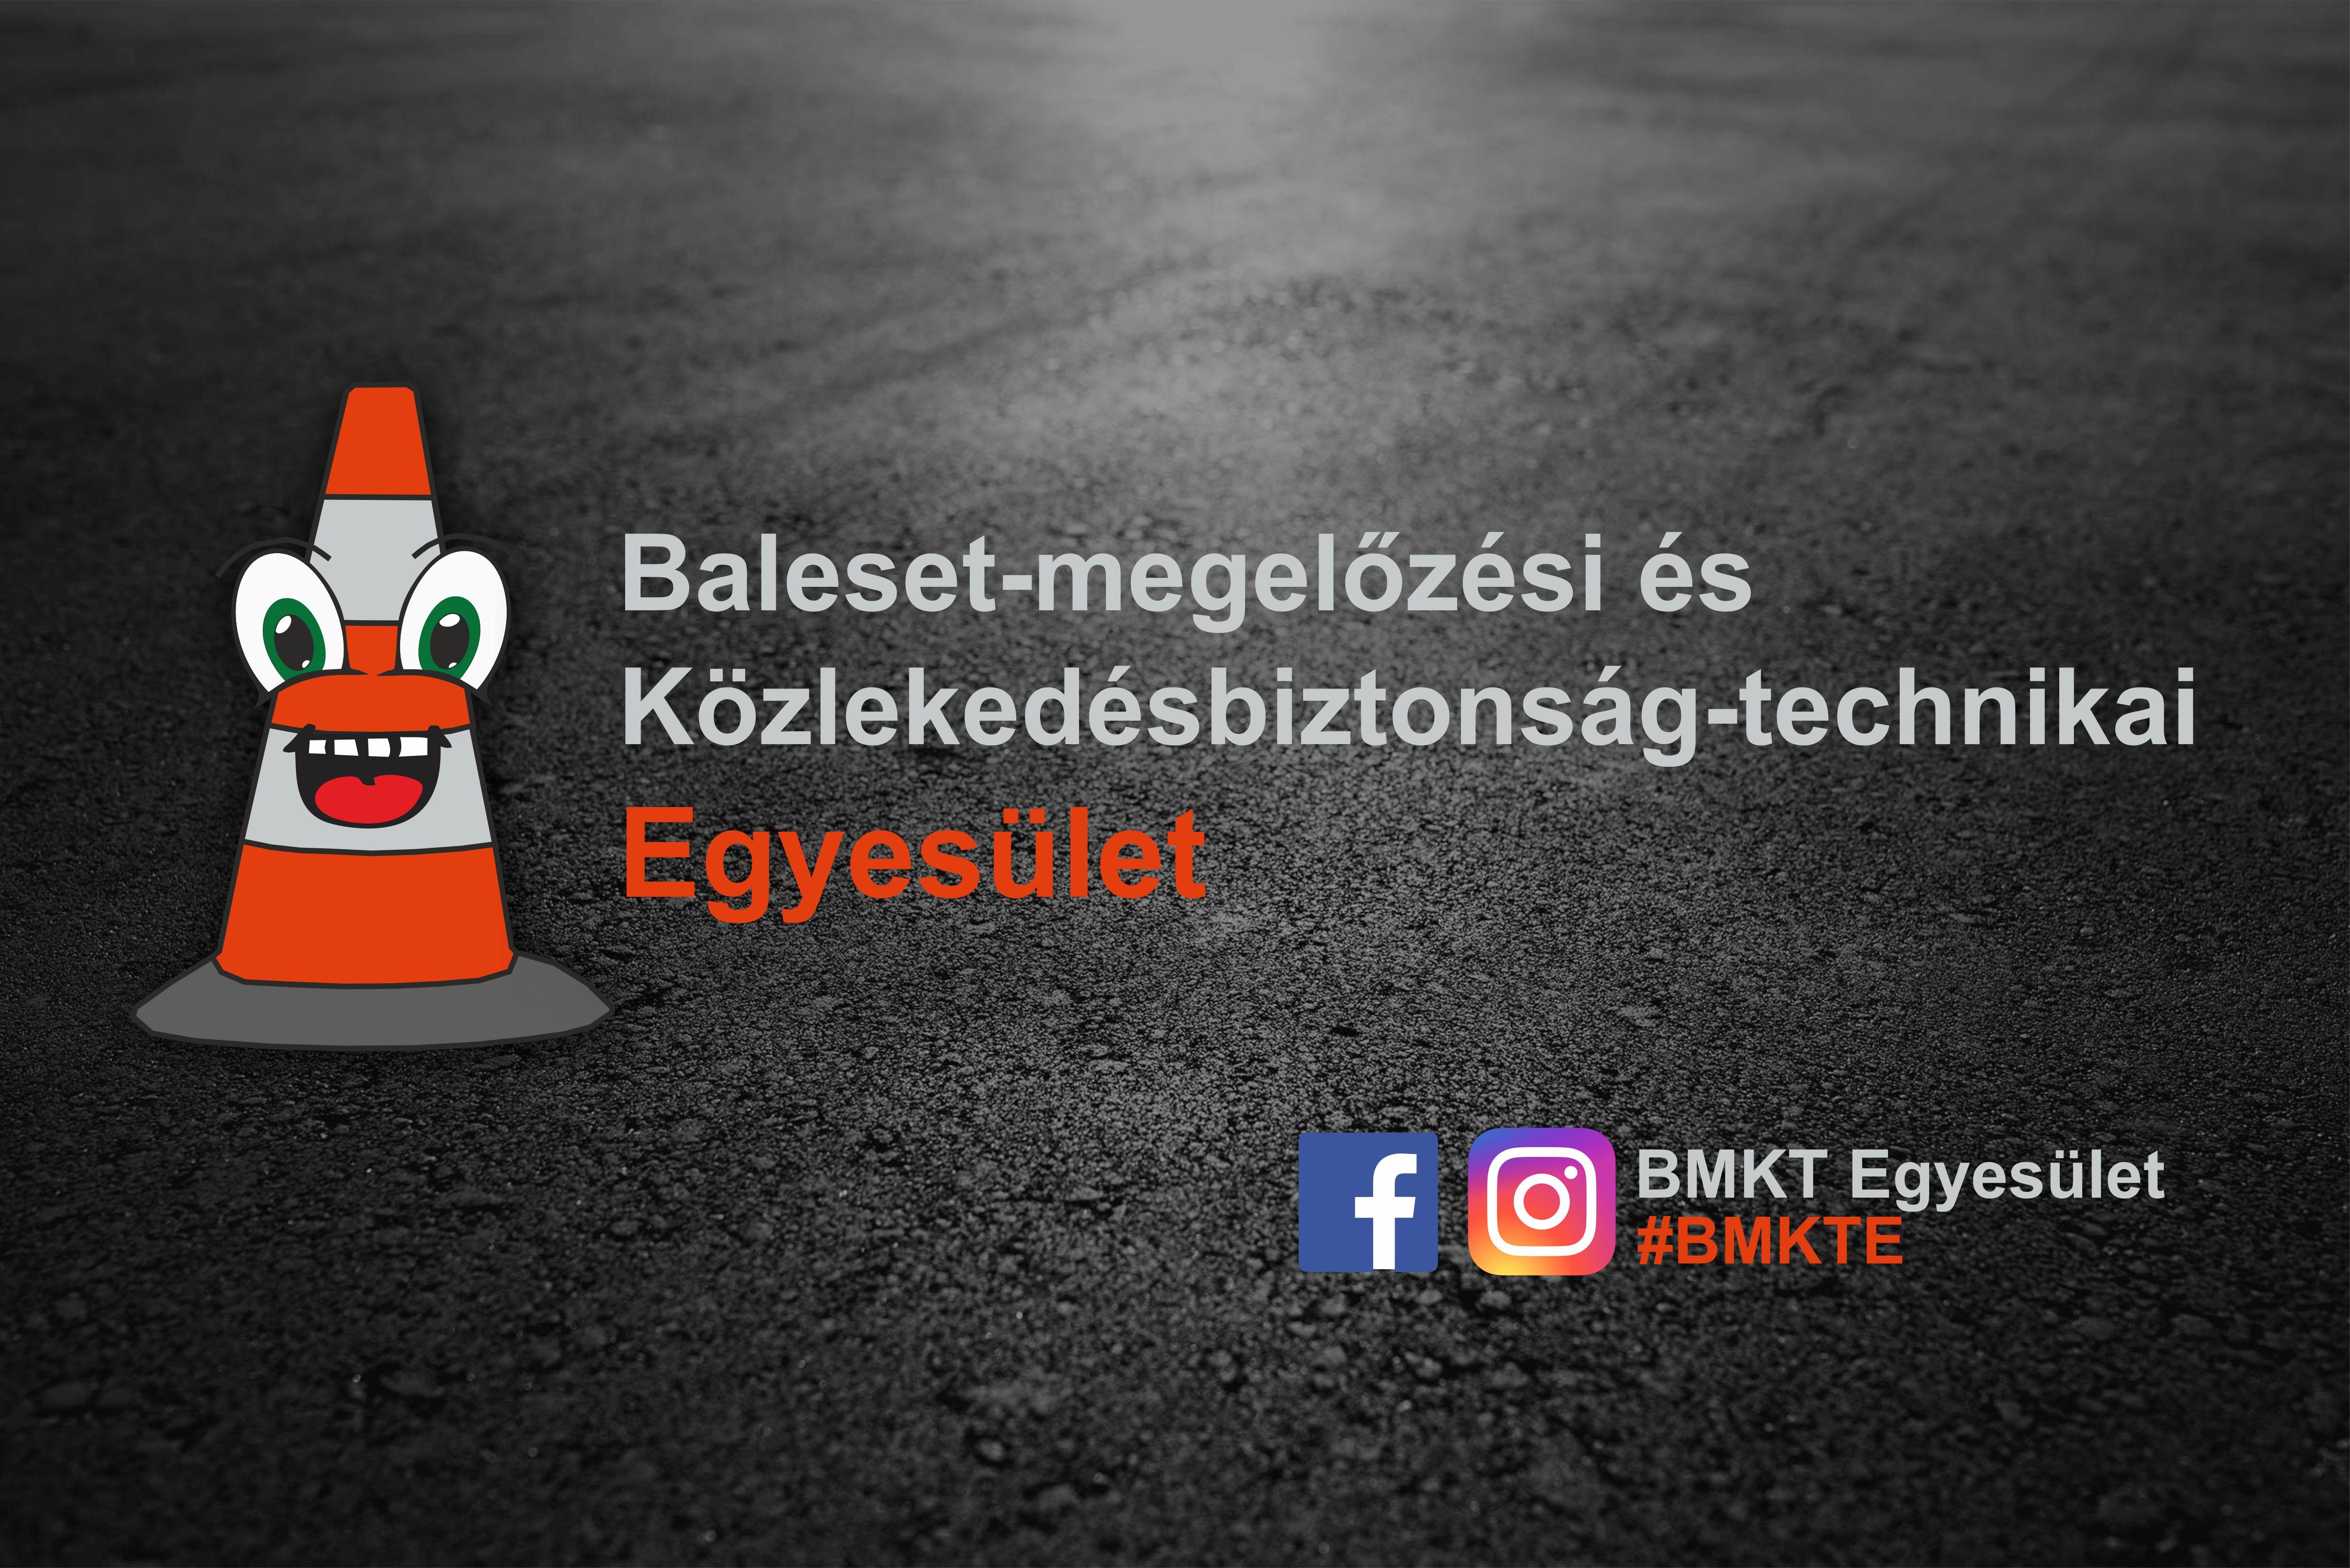 logo_fb1.jpg